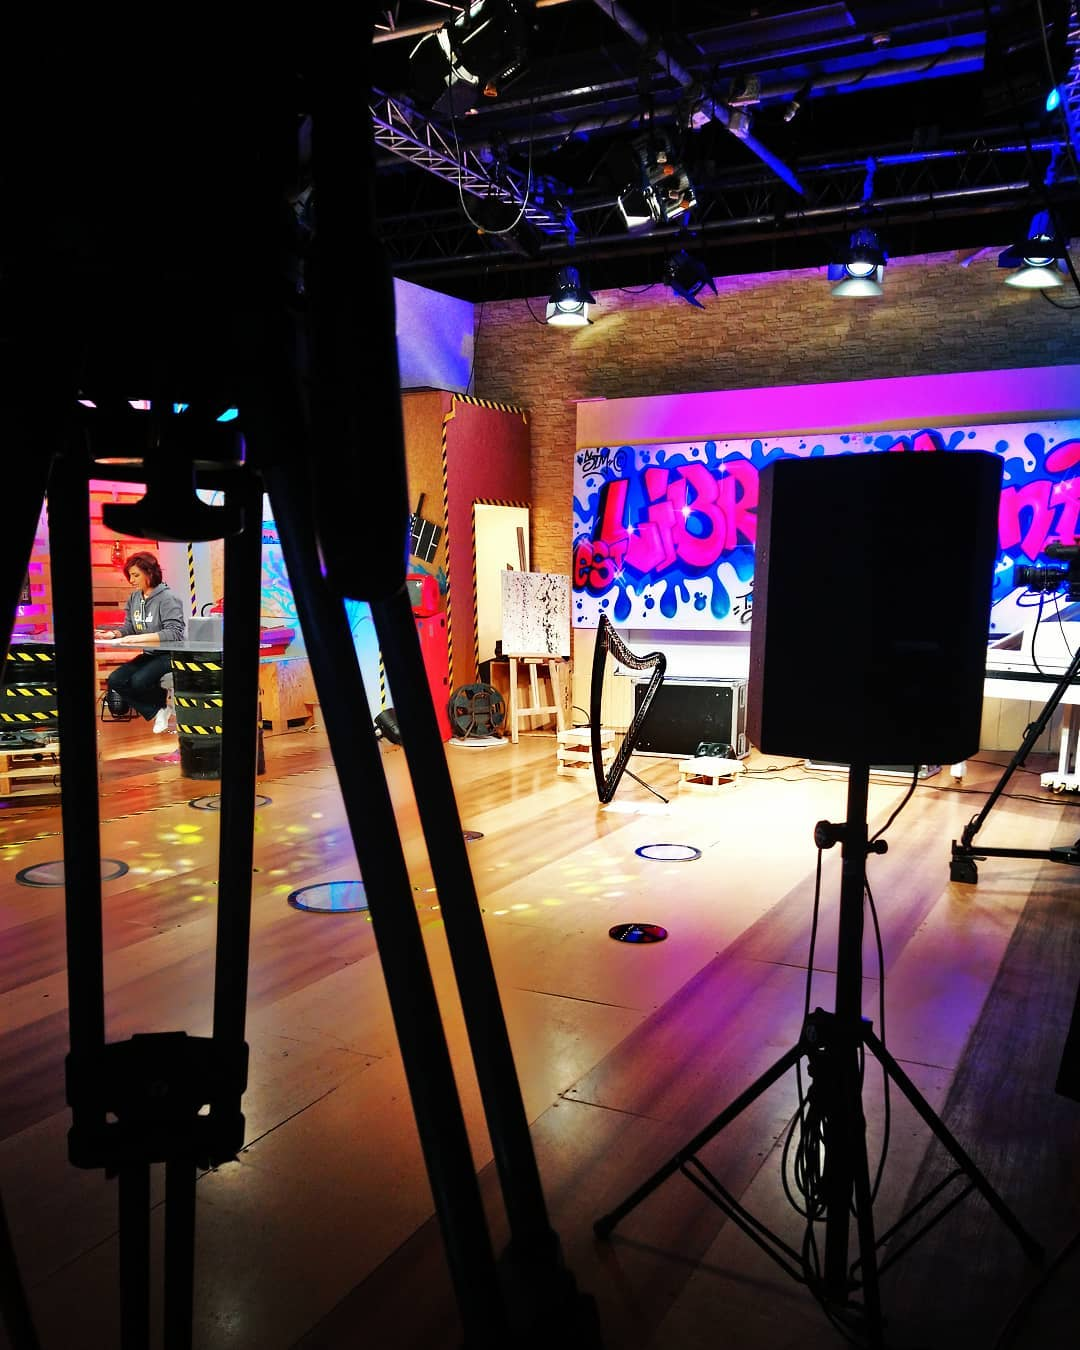 Live music and interview on the National 2 channel in a few minutes. and  Live sur la 2 dans quelques minutes pour parler d'Harkan et jouer un peu de harpe électrique